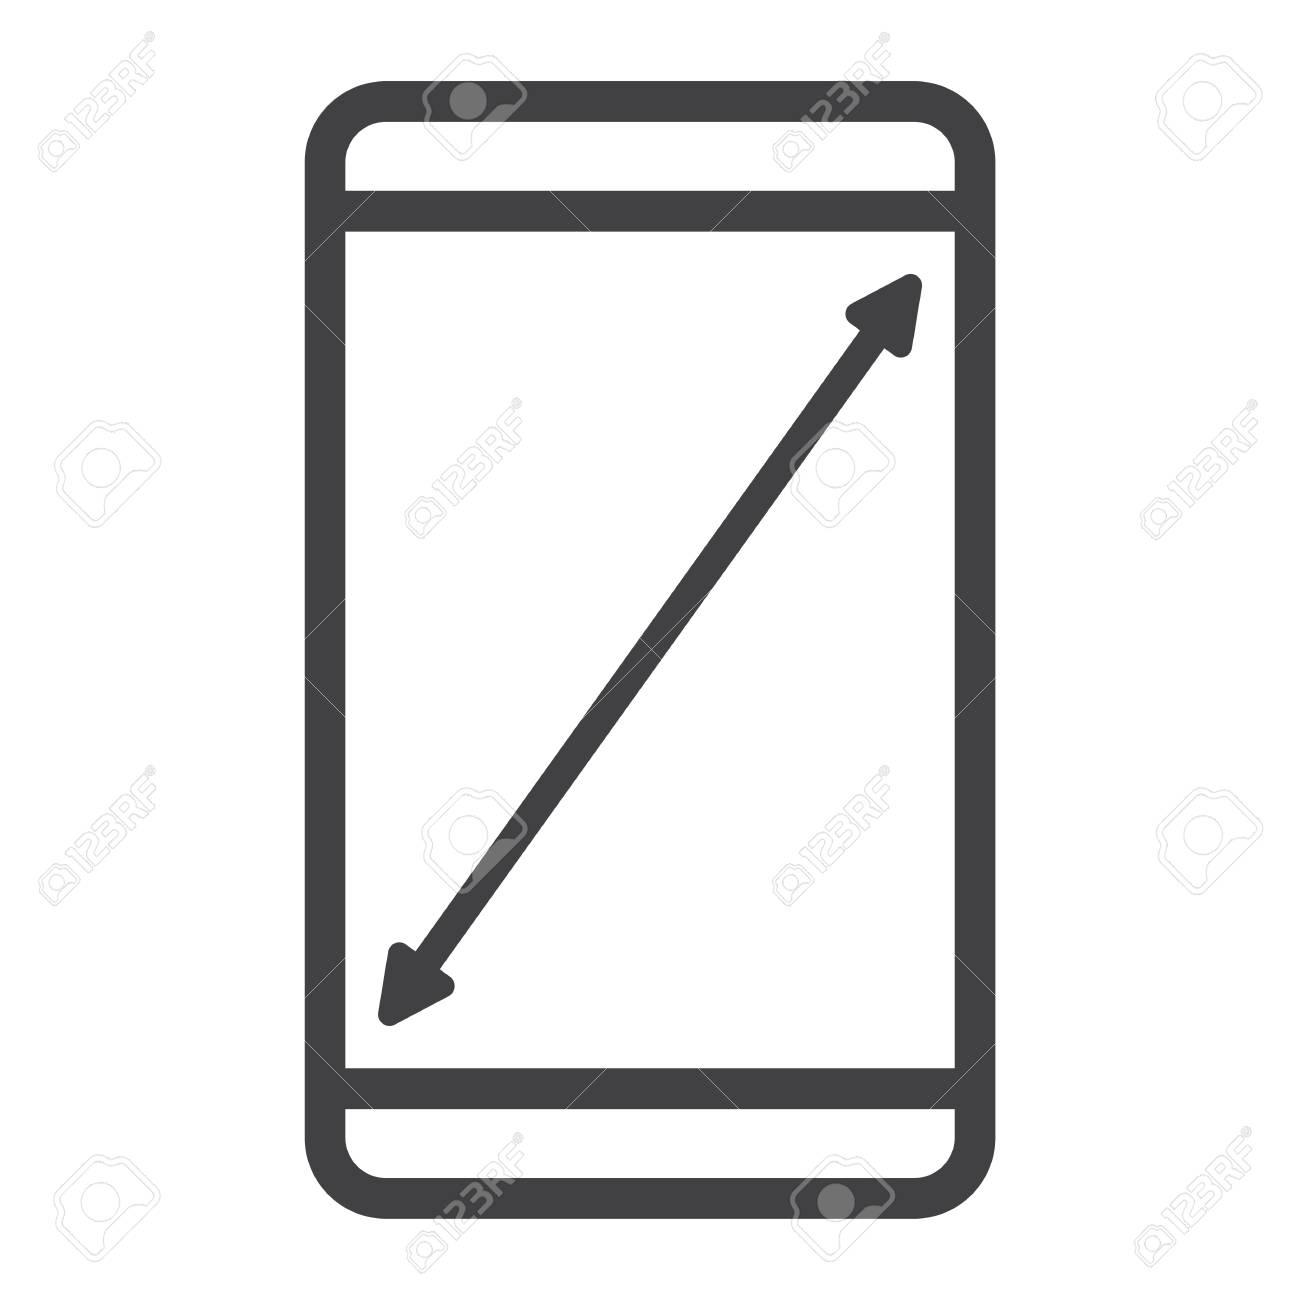 Redimensionner L Icone De Ligne D Ecran Mobile Web Et Mobile Afficher Des Graphiques Vectoriels De Signe Un Motif Lineaire Sur Fond Blanc Eps 10 Clip Art Libres De Droits Vecteurs Et Illustration